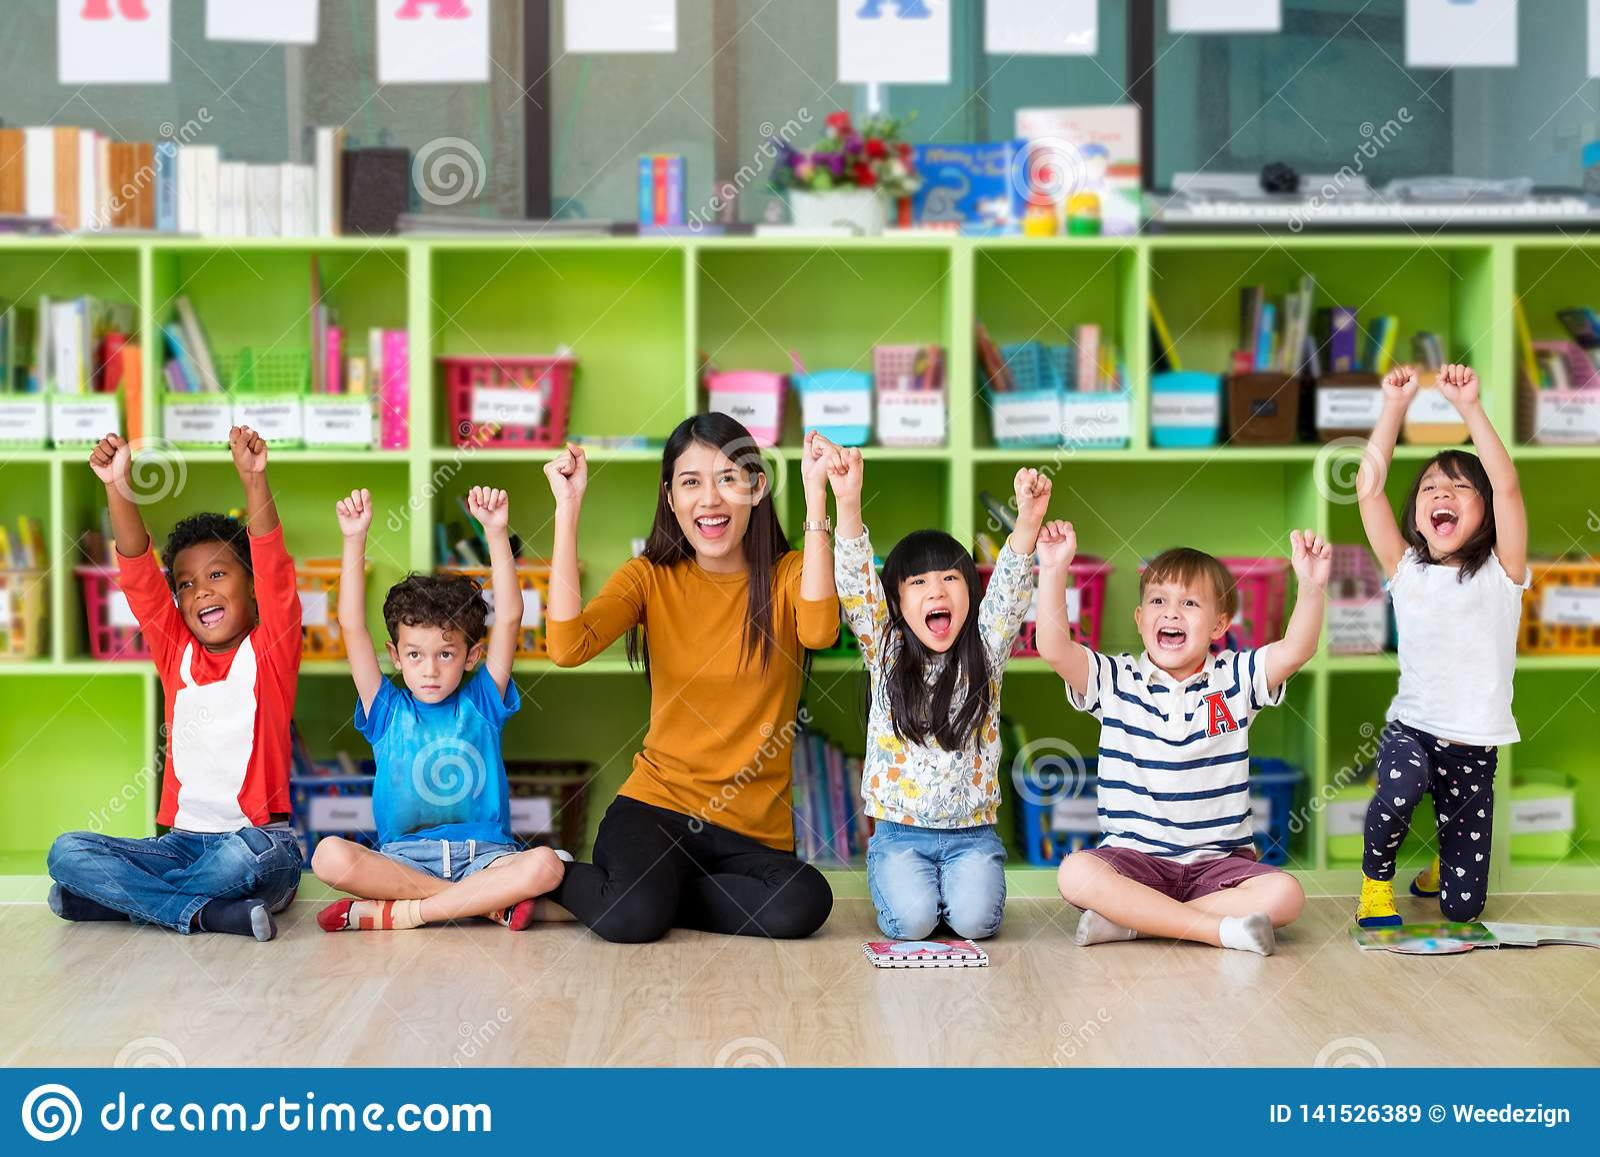 Enfants asiatiques heureux de professeur féminin et de métis dans la salle de classe, concept d école de jardin d enfants pré